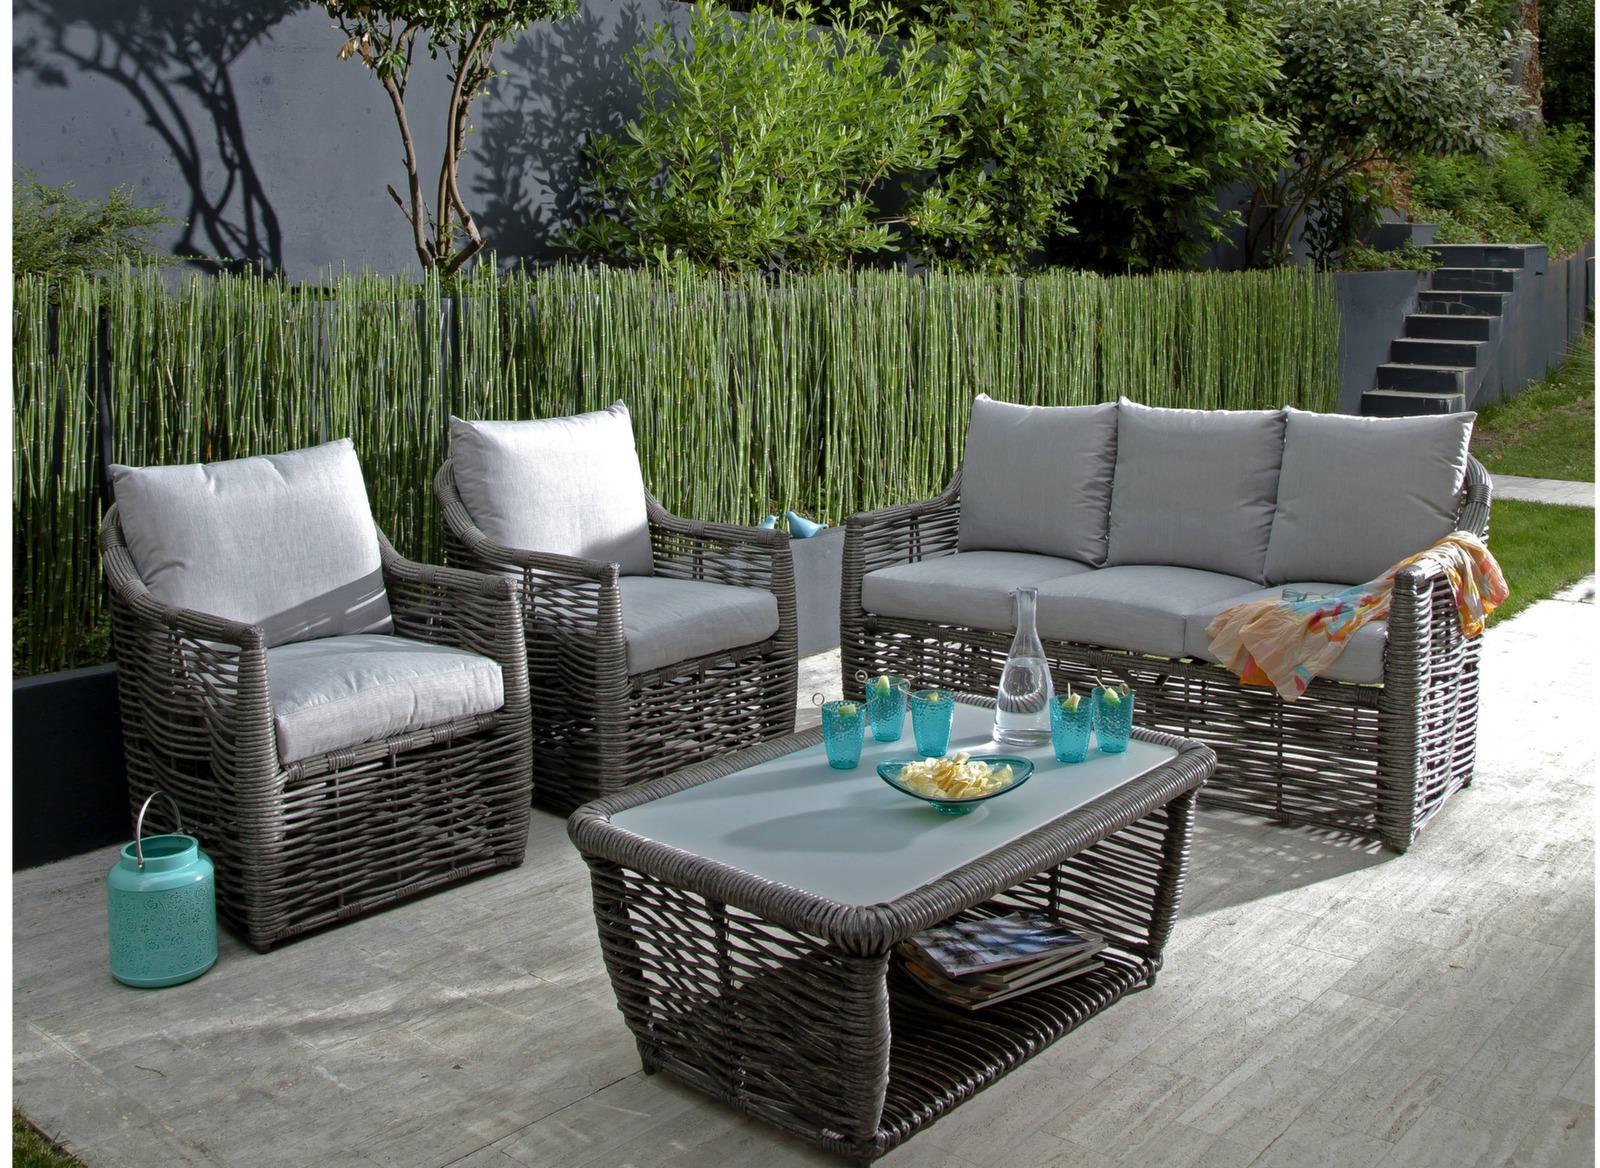 Fauteuil d tente cane fauteuils de jardin oc o sp cialiste du mobilier de jardin haut de gamme - Mobilier de jardin haut de gamme ...